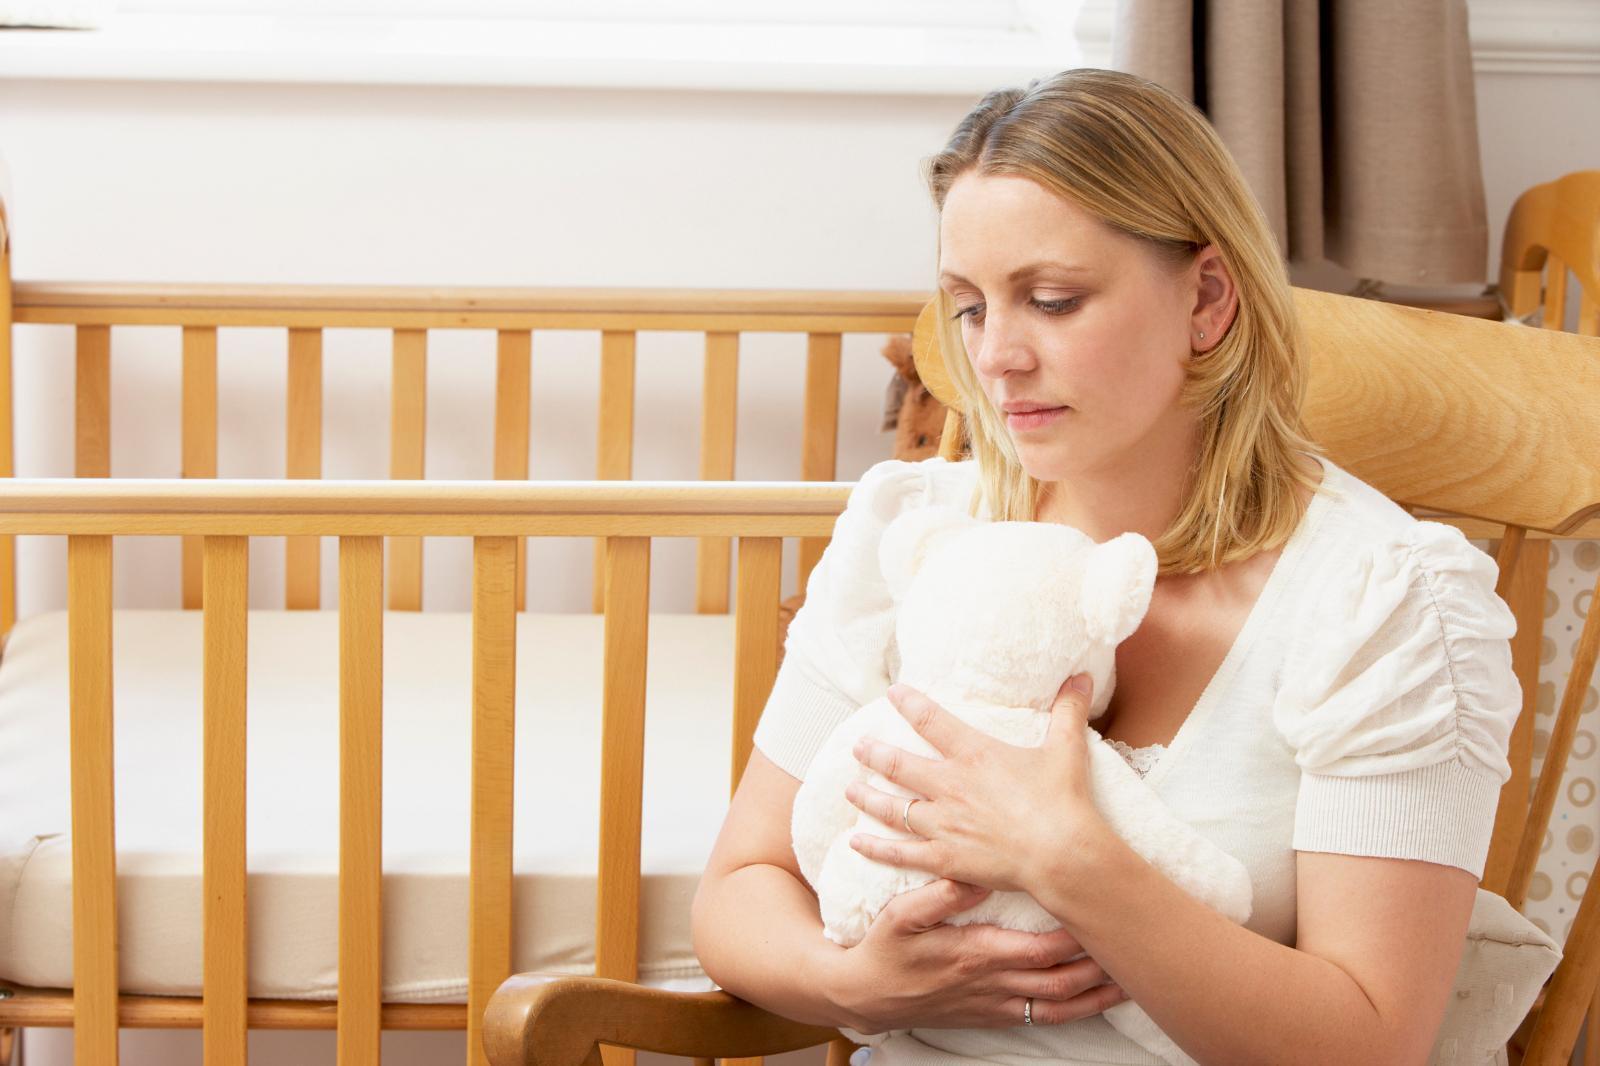 Tipos de Gravidez Que Resultam em um Aborto Involuntário